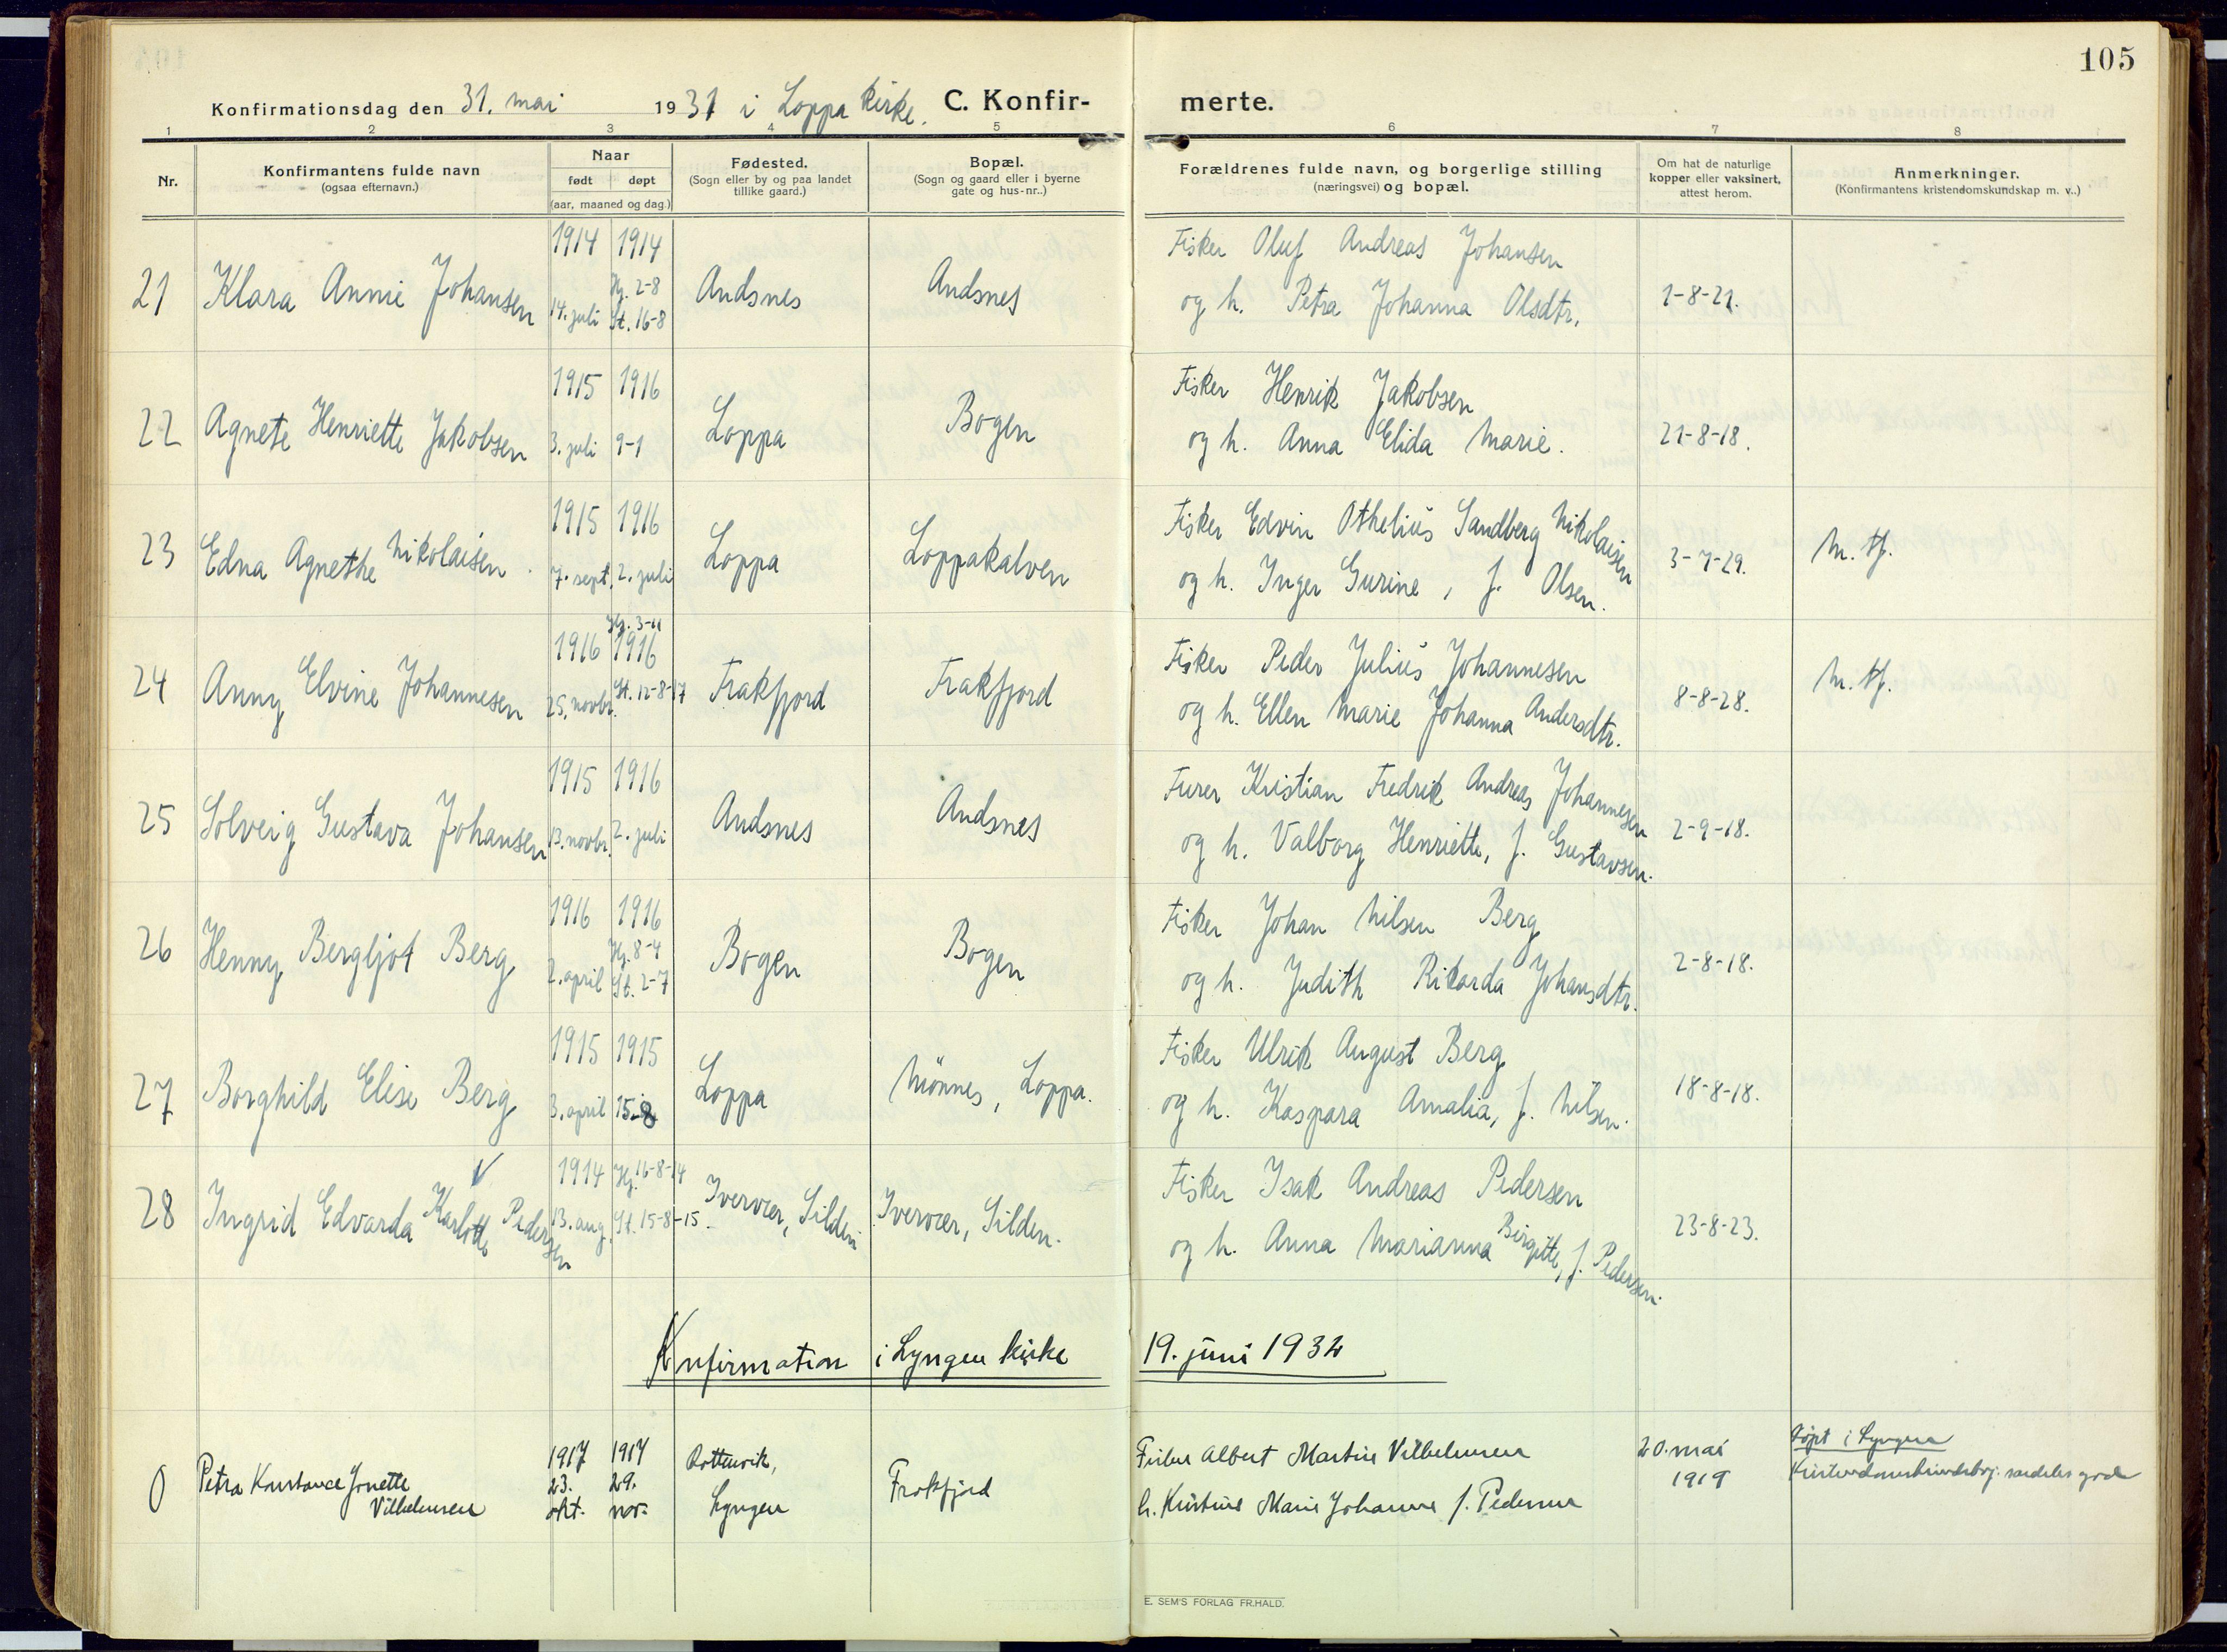 SATØ, Loppa sokneprestkontor, H/Ha/L0013kirke: Ministerialbok nr. 13, 1920-1932, s. 105